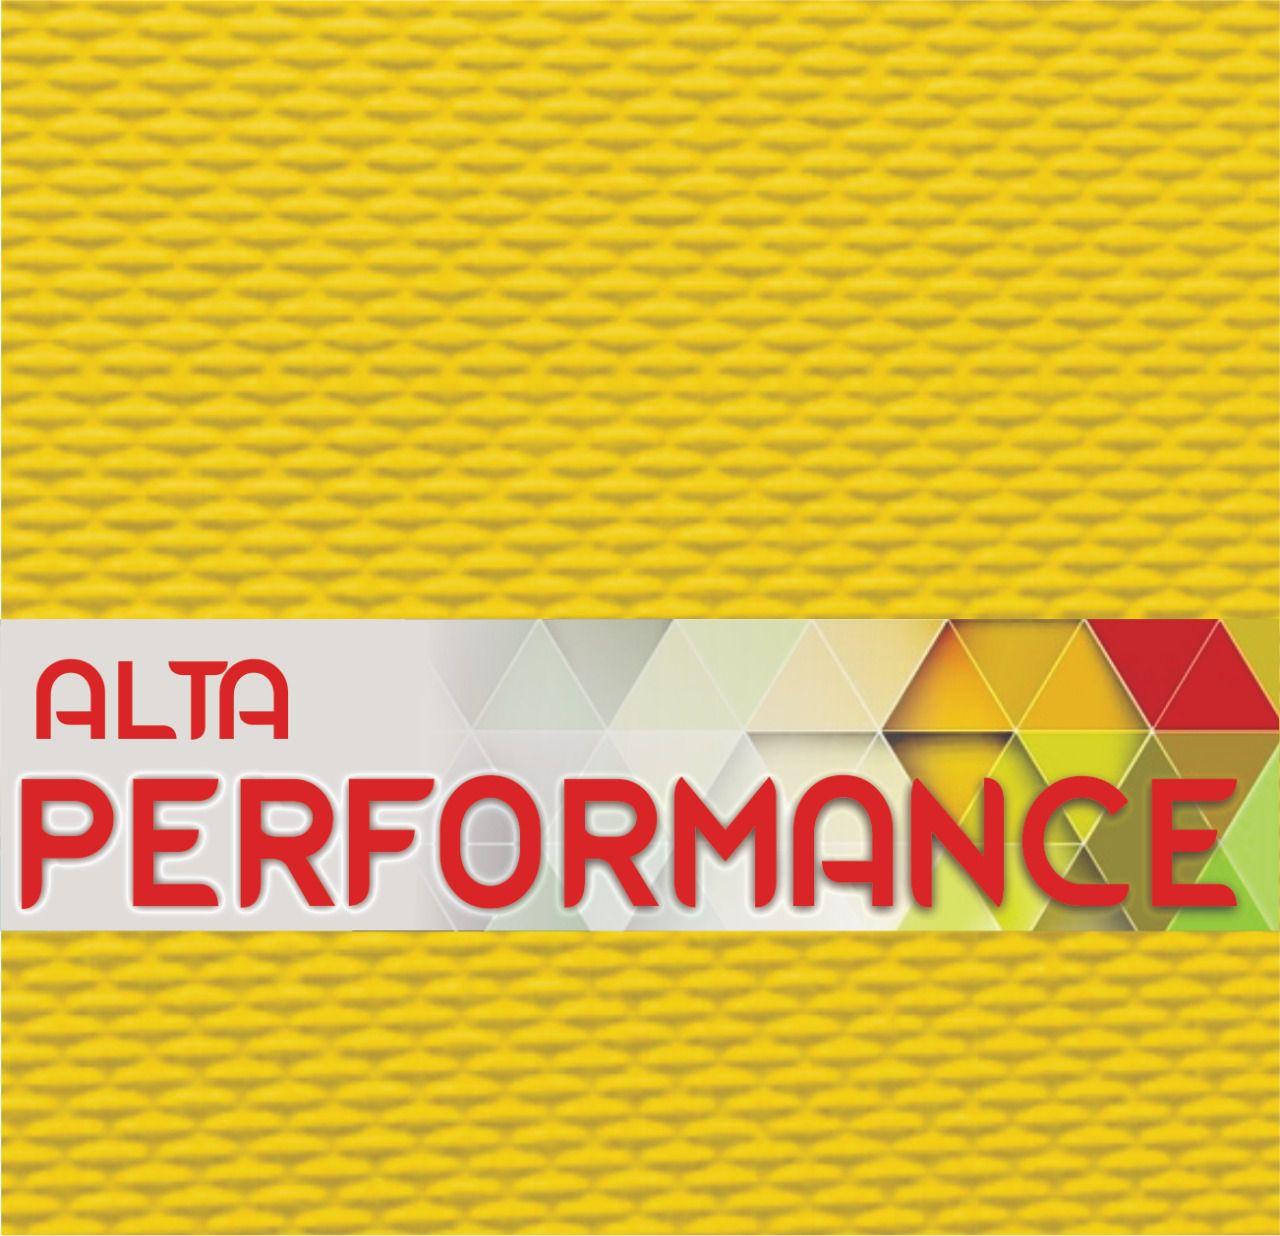 Placa Microporosa Alta Performance - 1,40m x 0,80 x 14~15mm - UNIDADE  - INBOP - Indústria de Borrachas e Polímeros